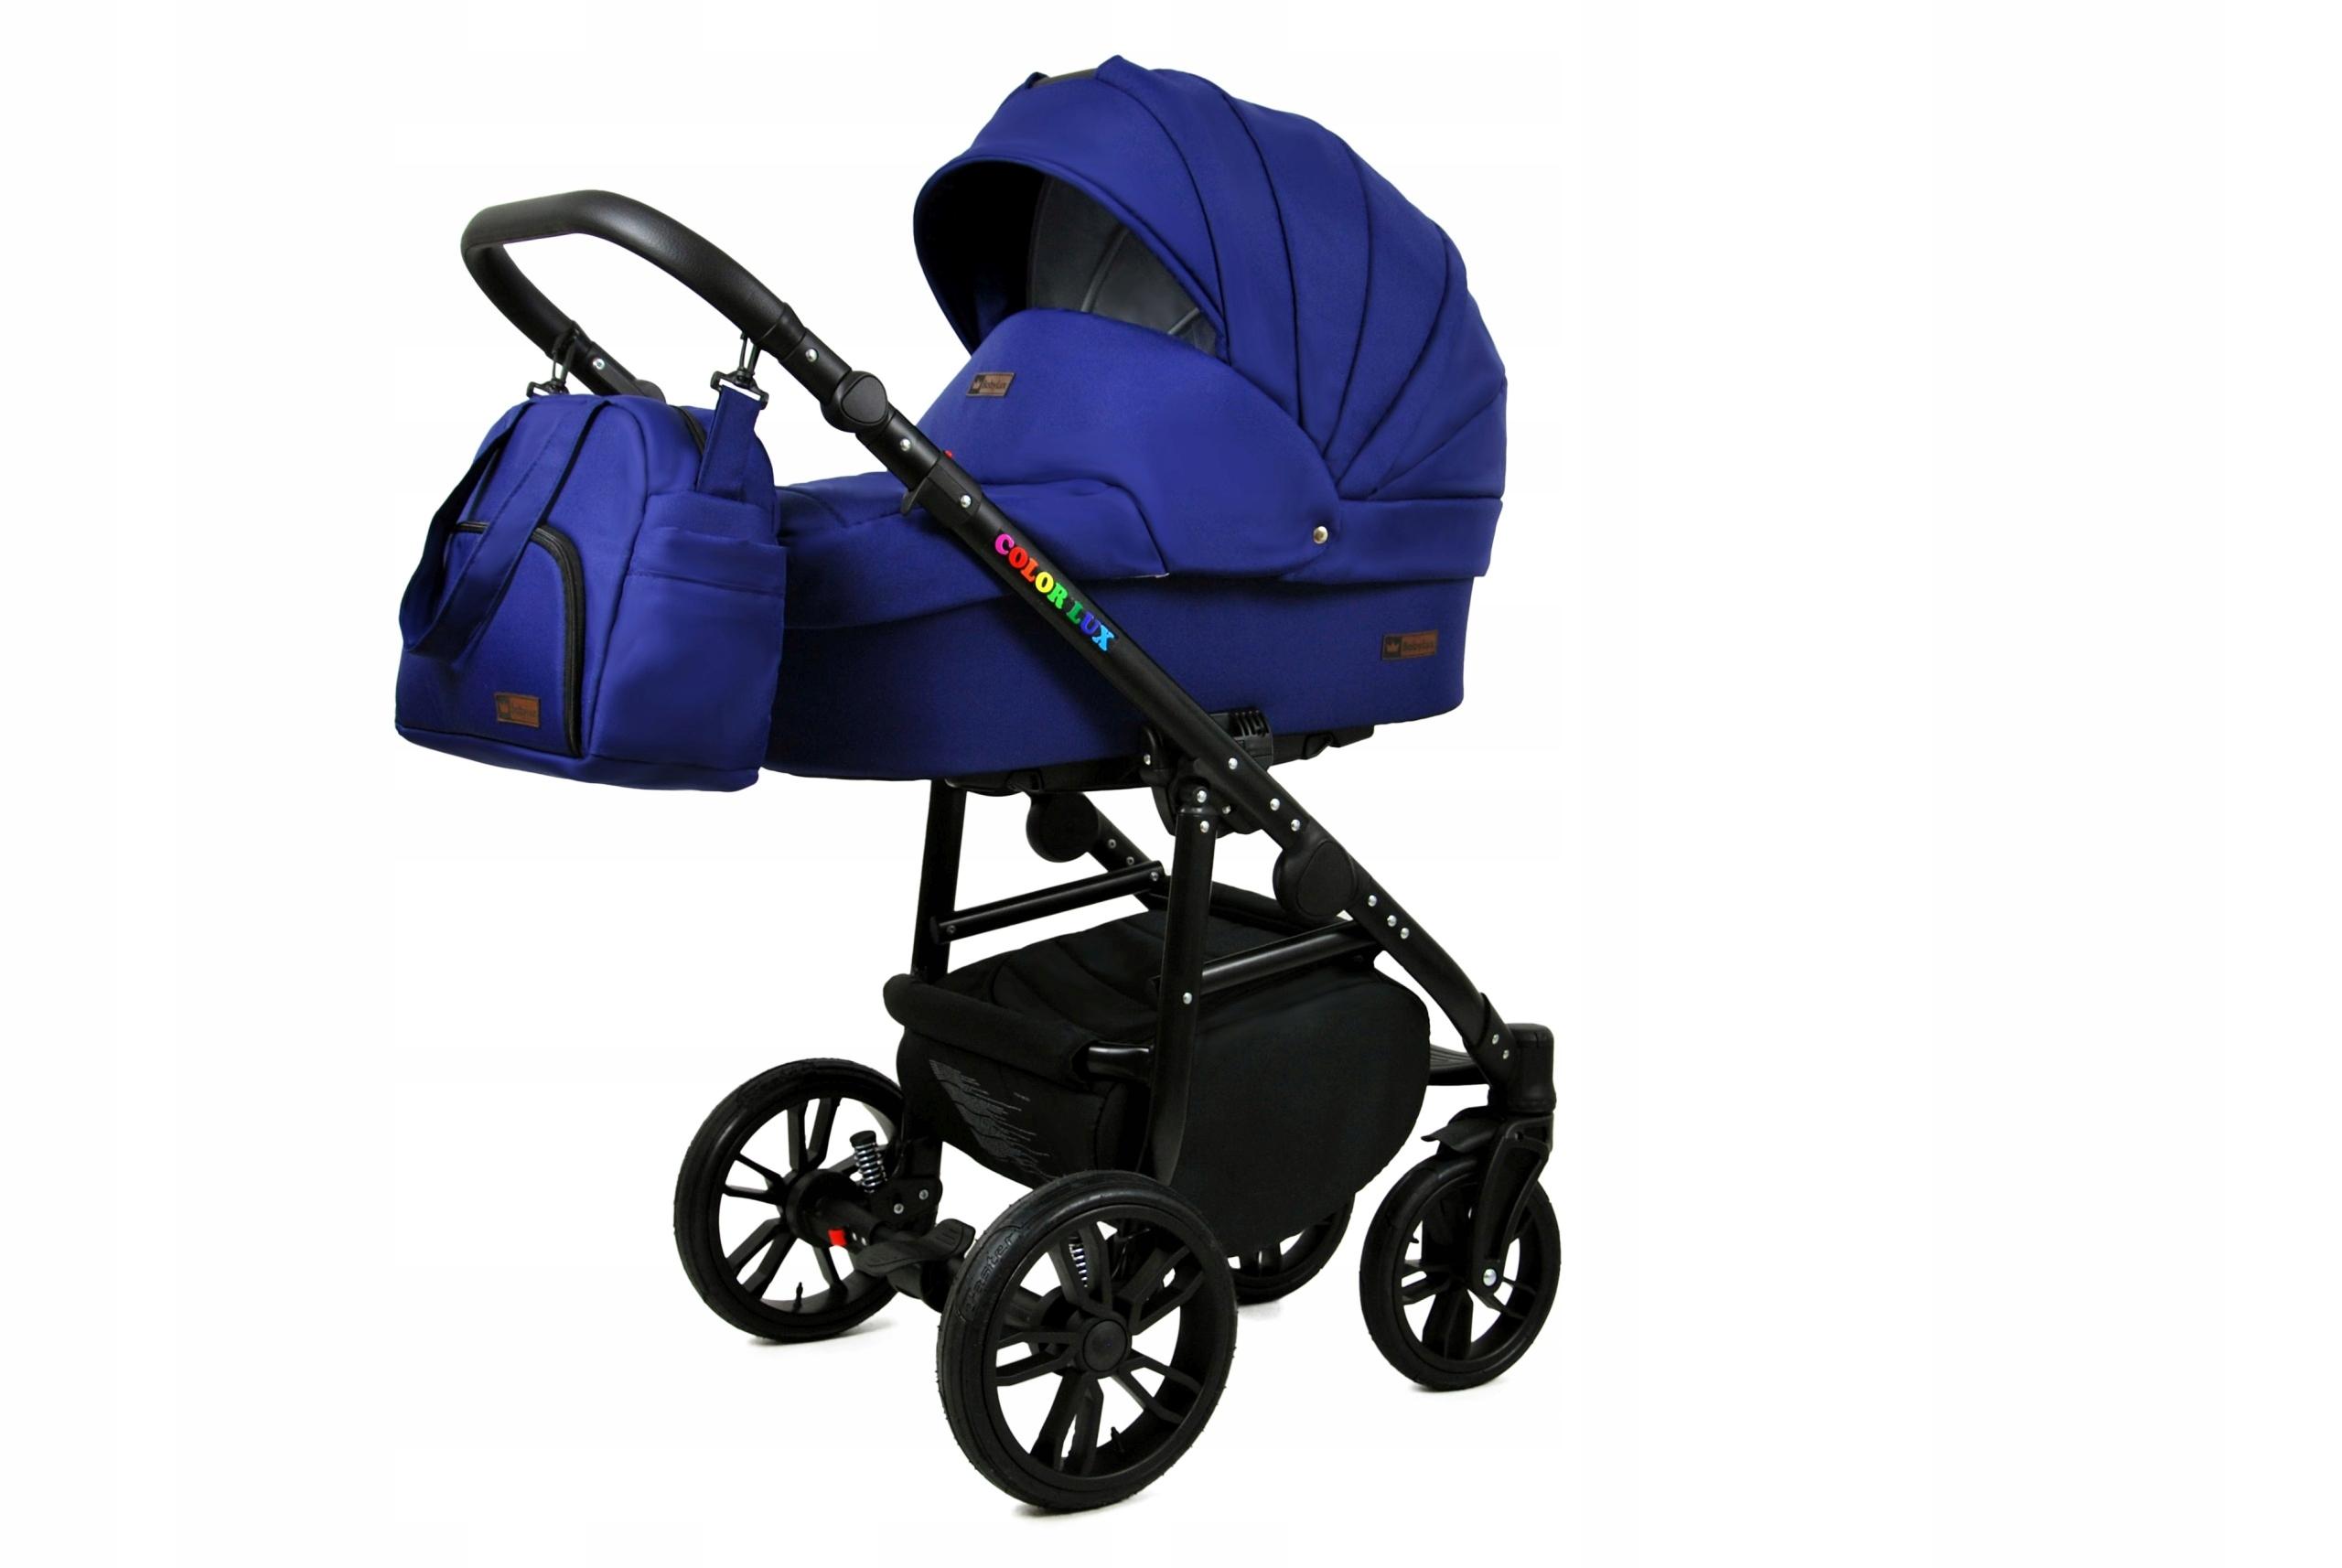 Raf Dětský kombinovaný kočárek Color Lux – 2v1 Barva kočárku Color Lux: Tmavě modrá / černá